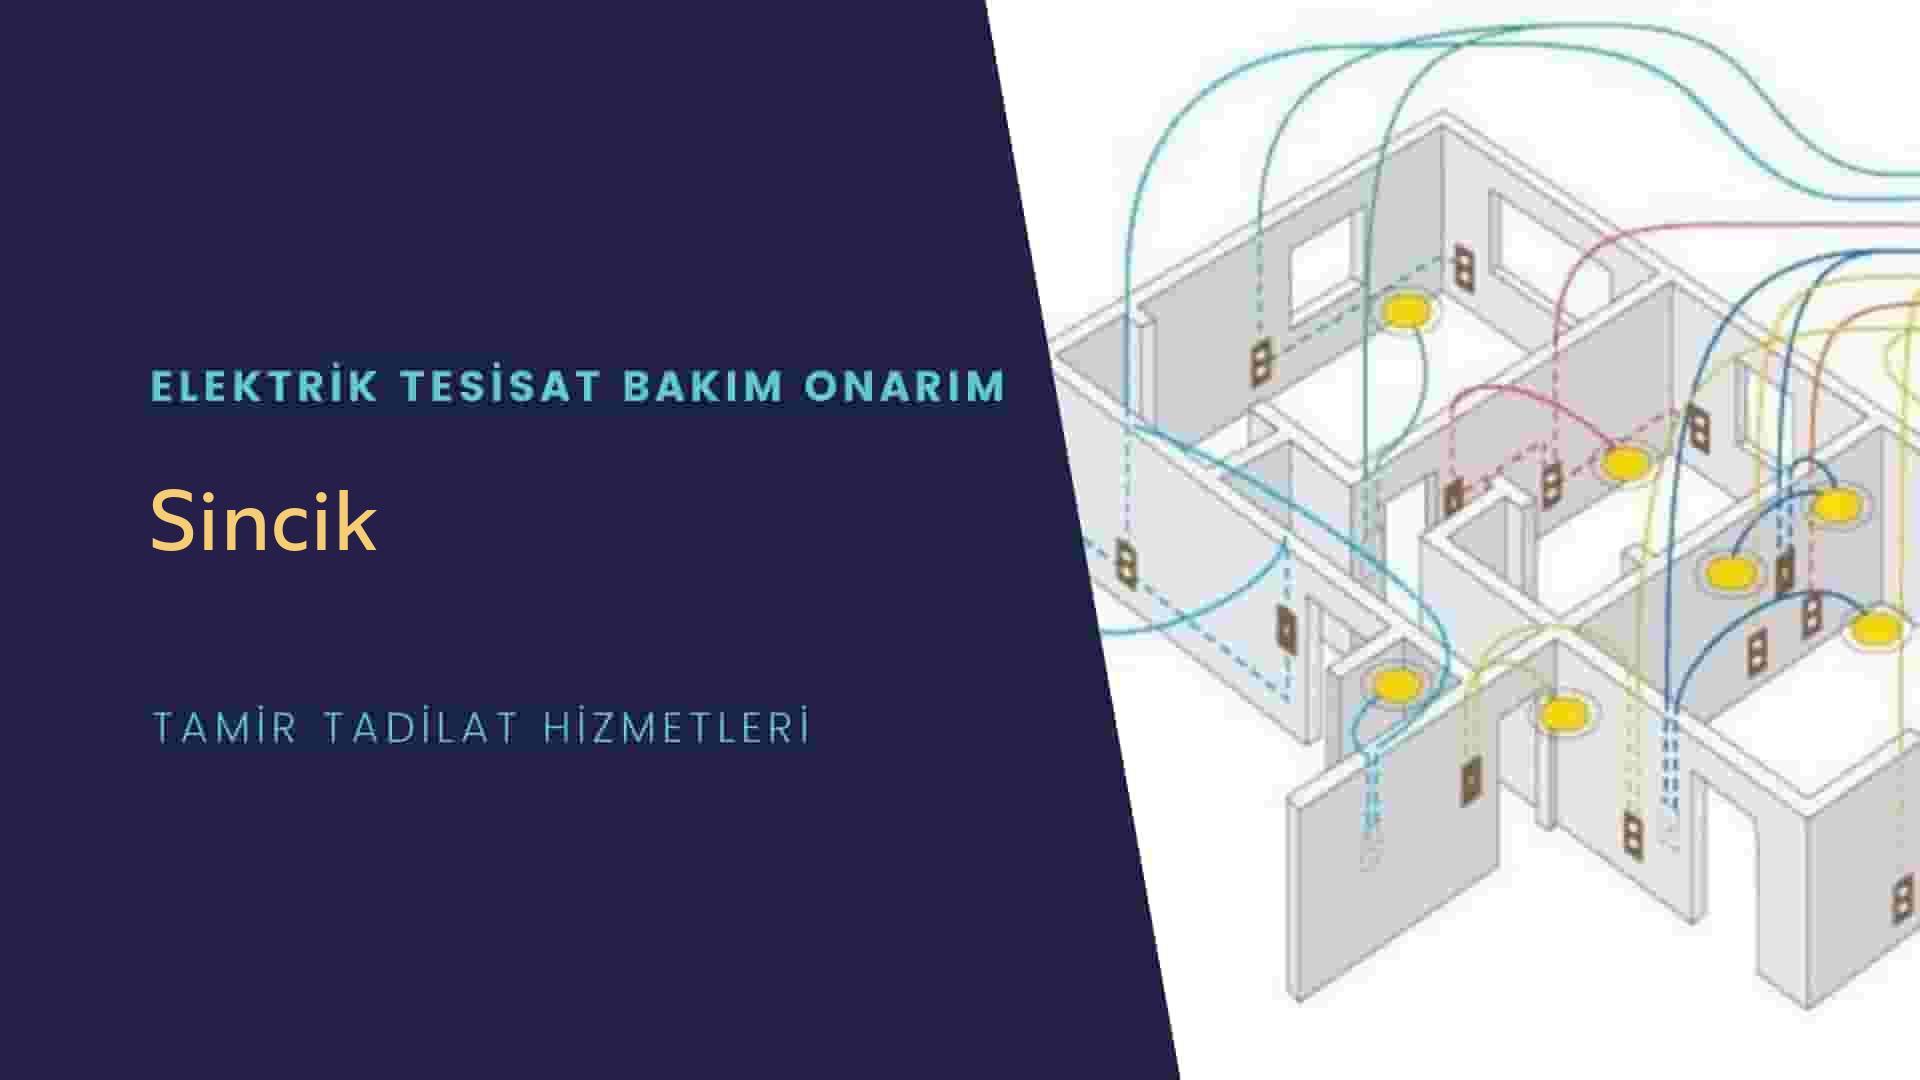 Sincik'te elektrik tesisatıustalarımı arıyorsunuz doğru adrestenizi Sincik elektrik tesisatı ustalarımız 7/24 sizlere hizmet vermekten mutluluk duyar.